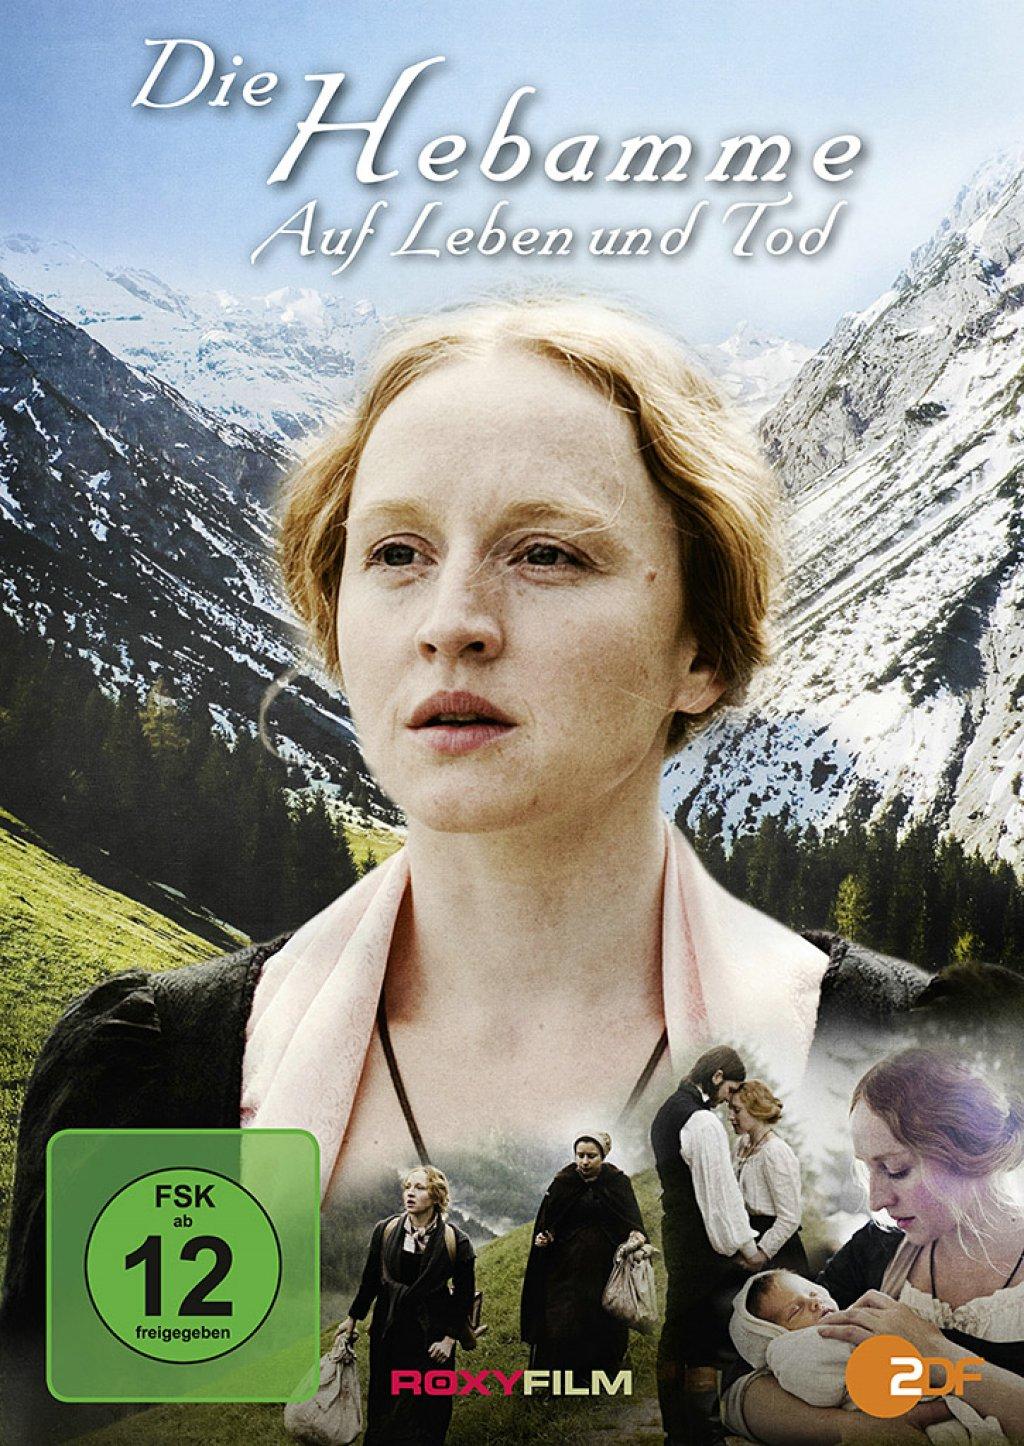 Die Hebamme - Auf Leben und Tod (DVD)